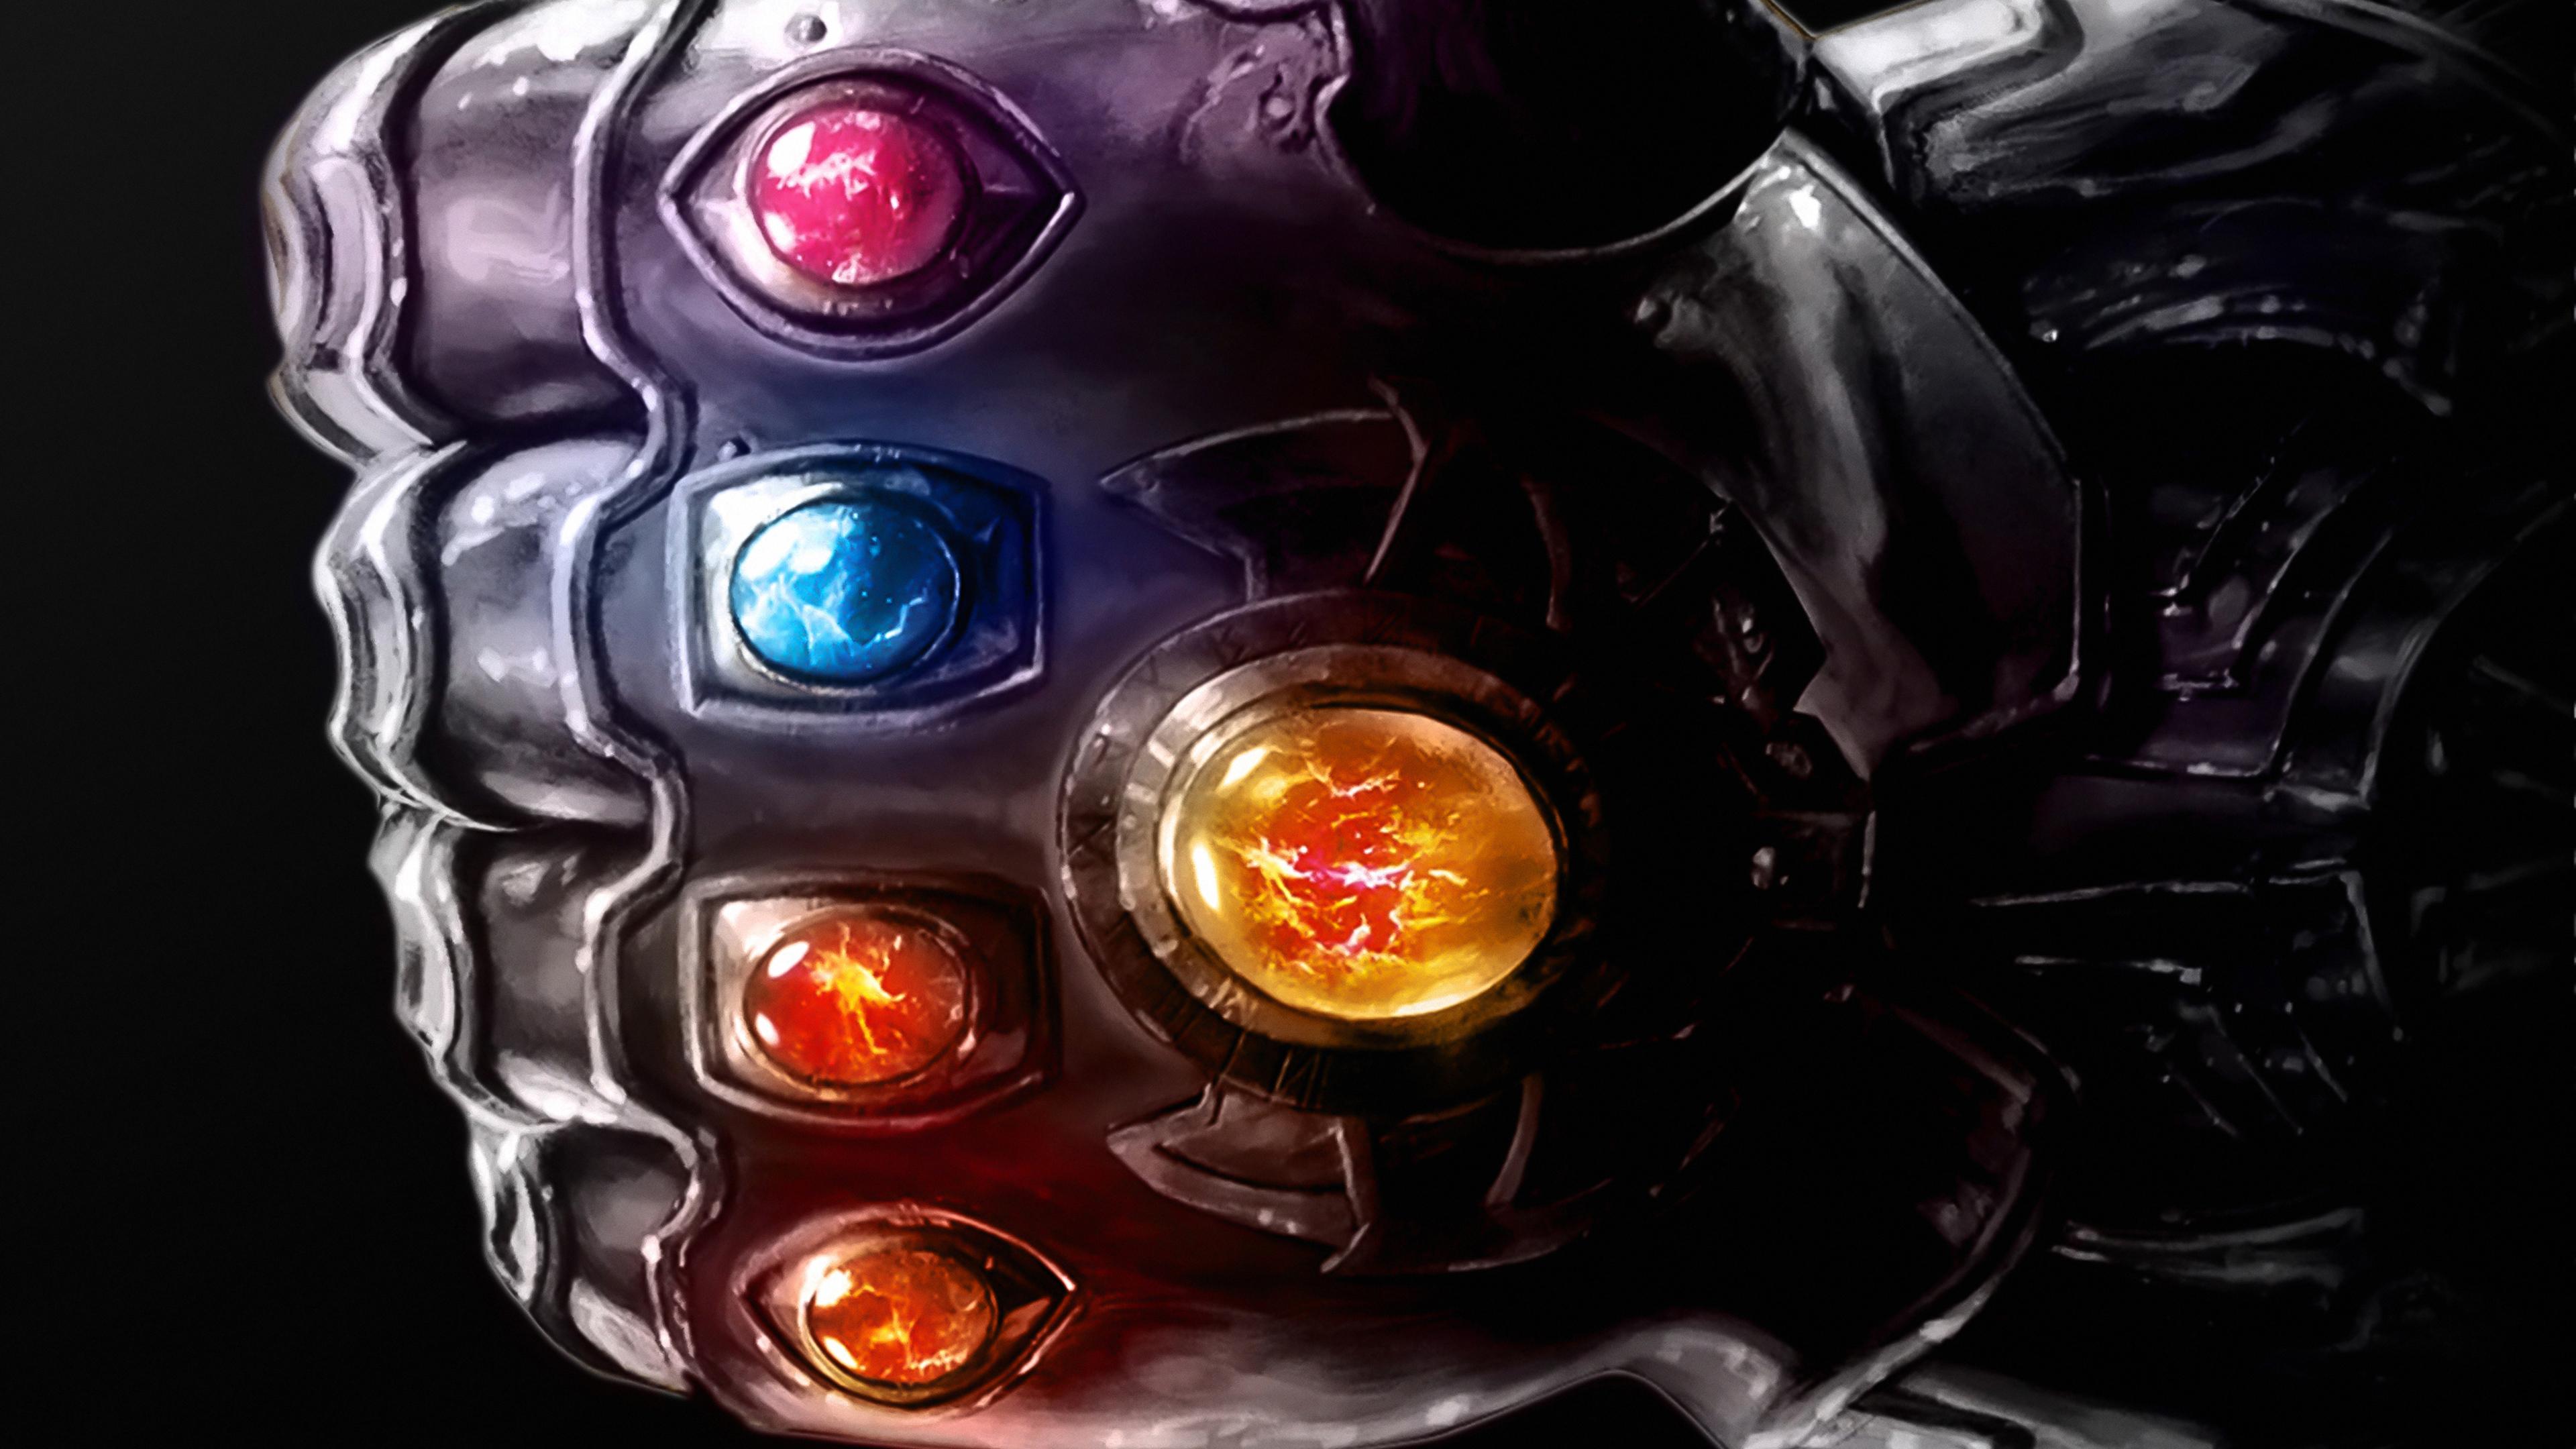 thanos gauntlet 4k 1557260457 - Thanos Gauntlet 4k - thanos-wallpapers, superheroes wallpapers, hd-wallpapers, 4k-wallpapers